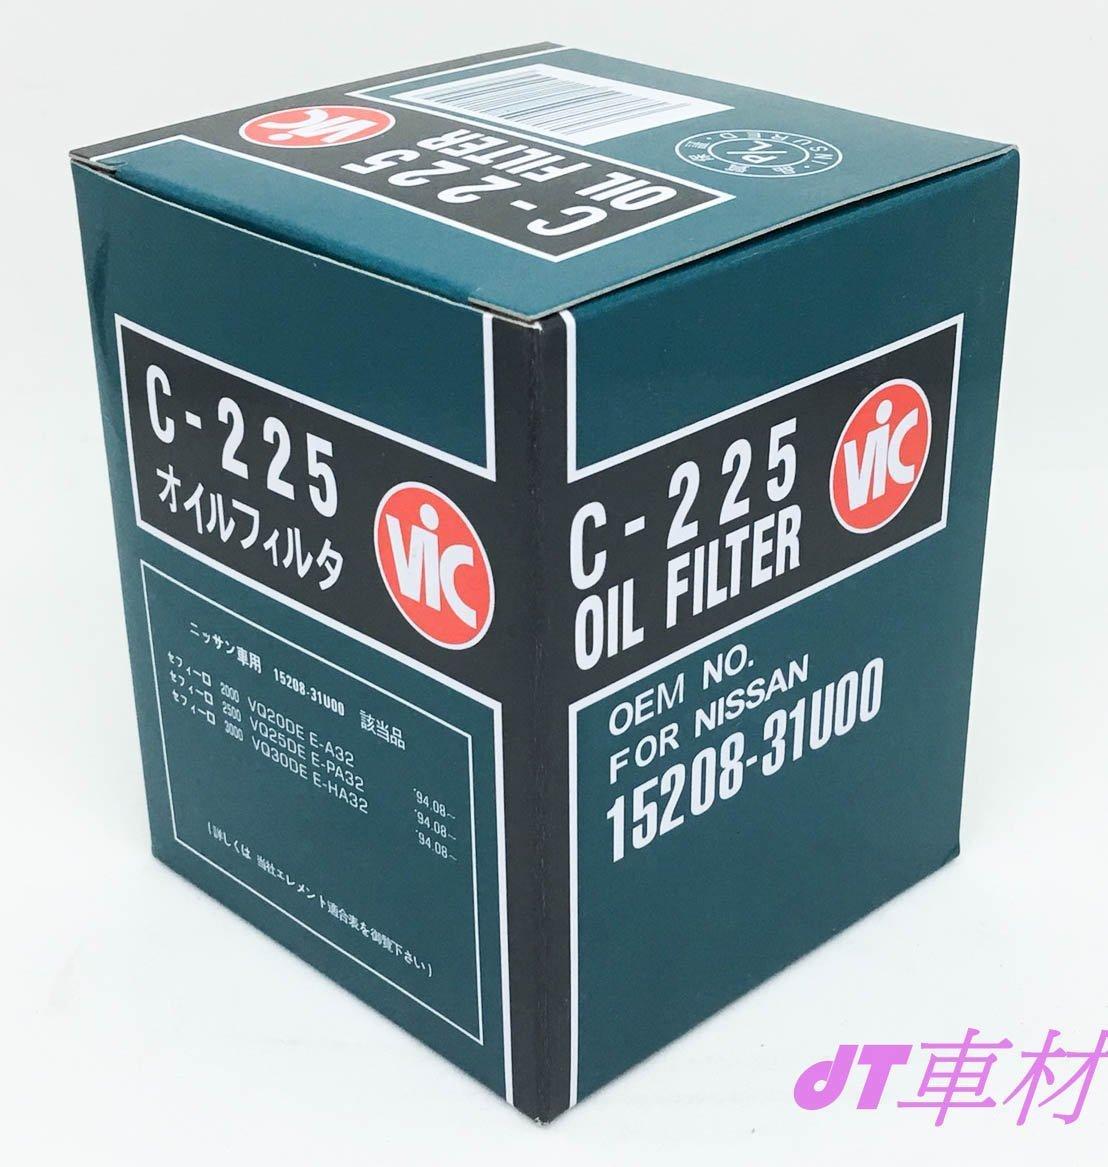 dT車材 高雄可面交-VIC 機油芯(C-225)-日產 NISSAN LIVINA 1.6 1.8 款~機油濾清器